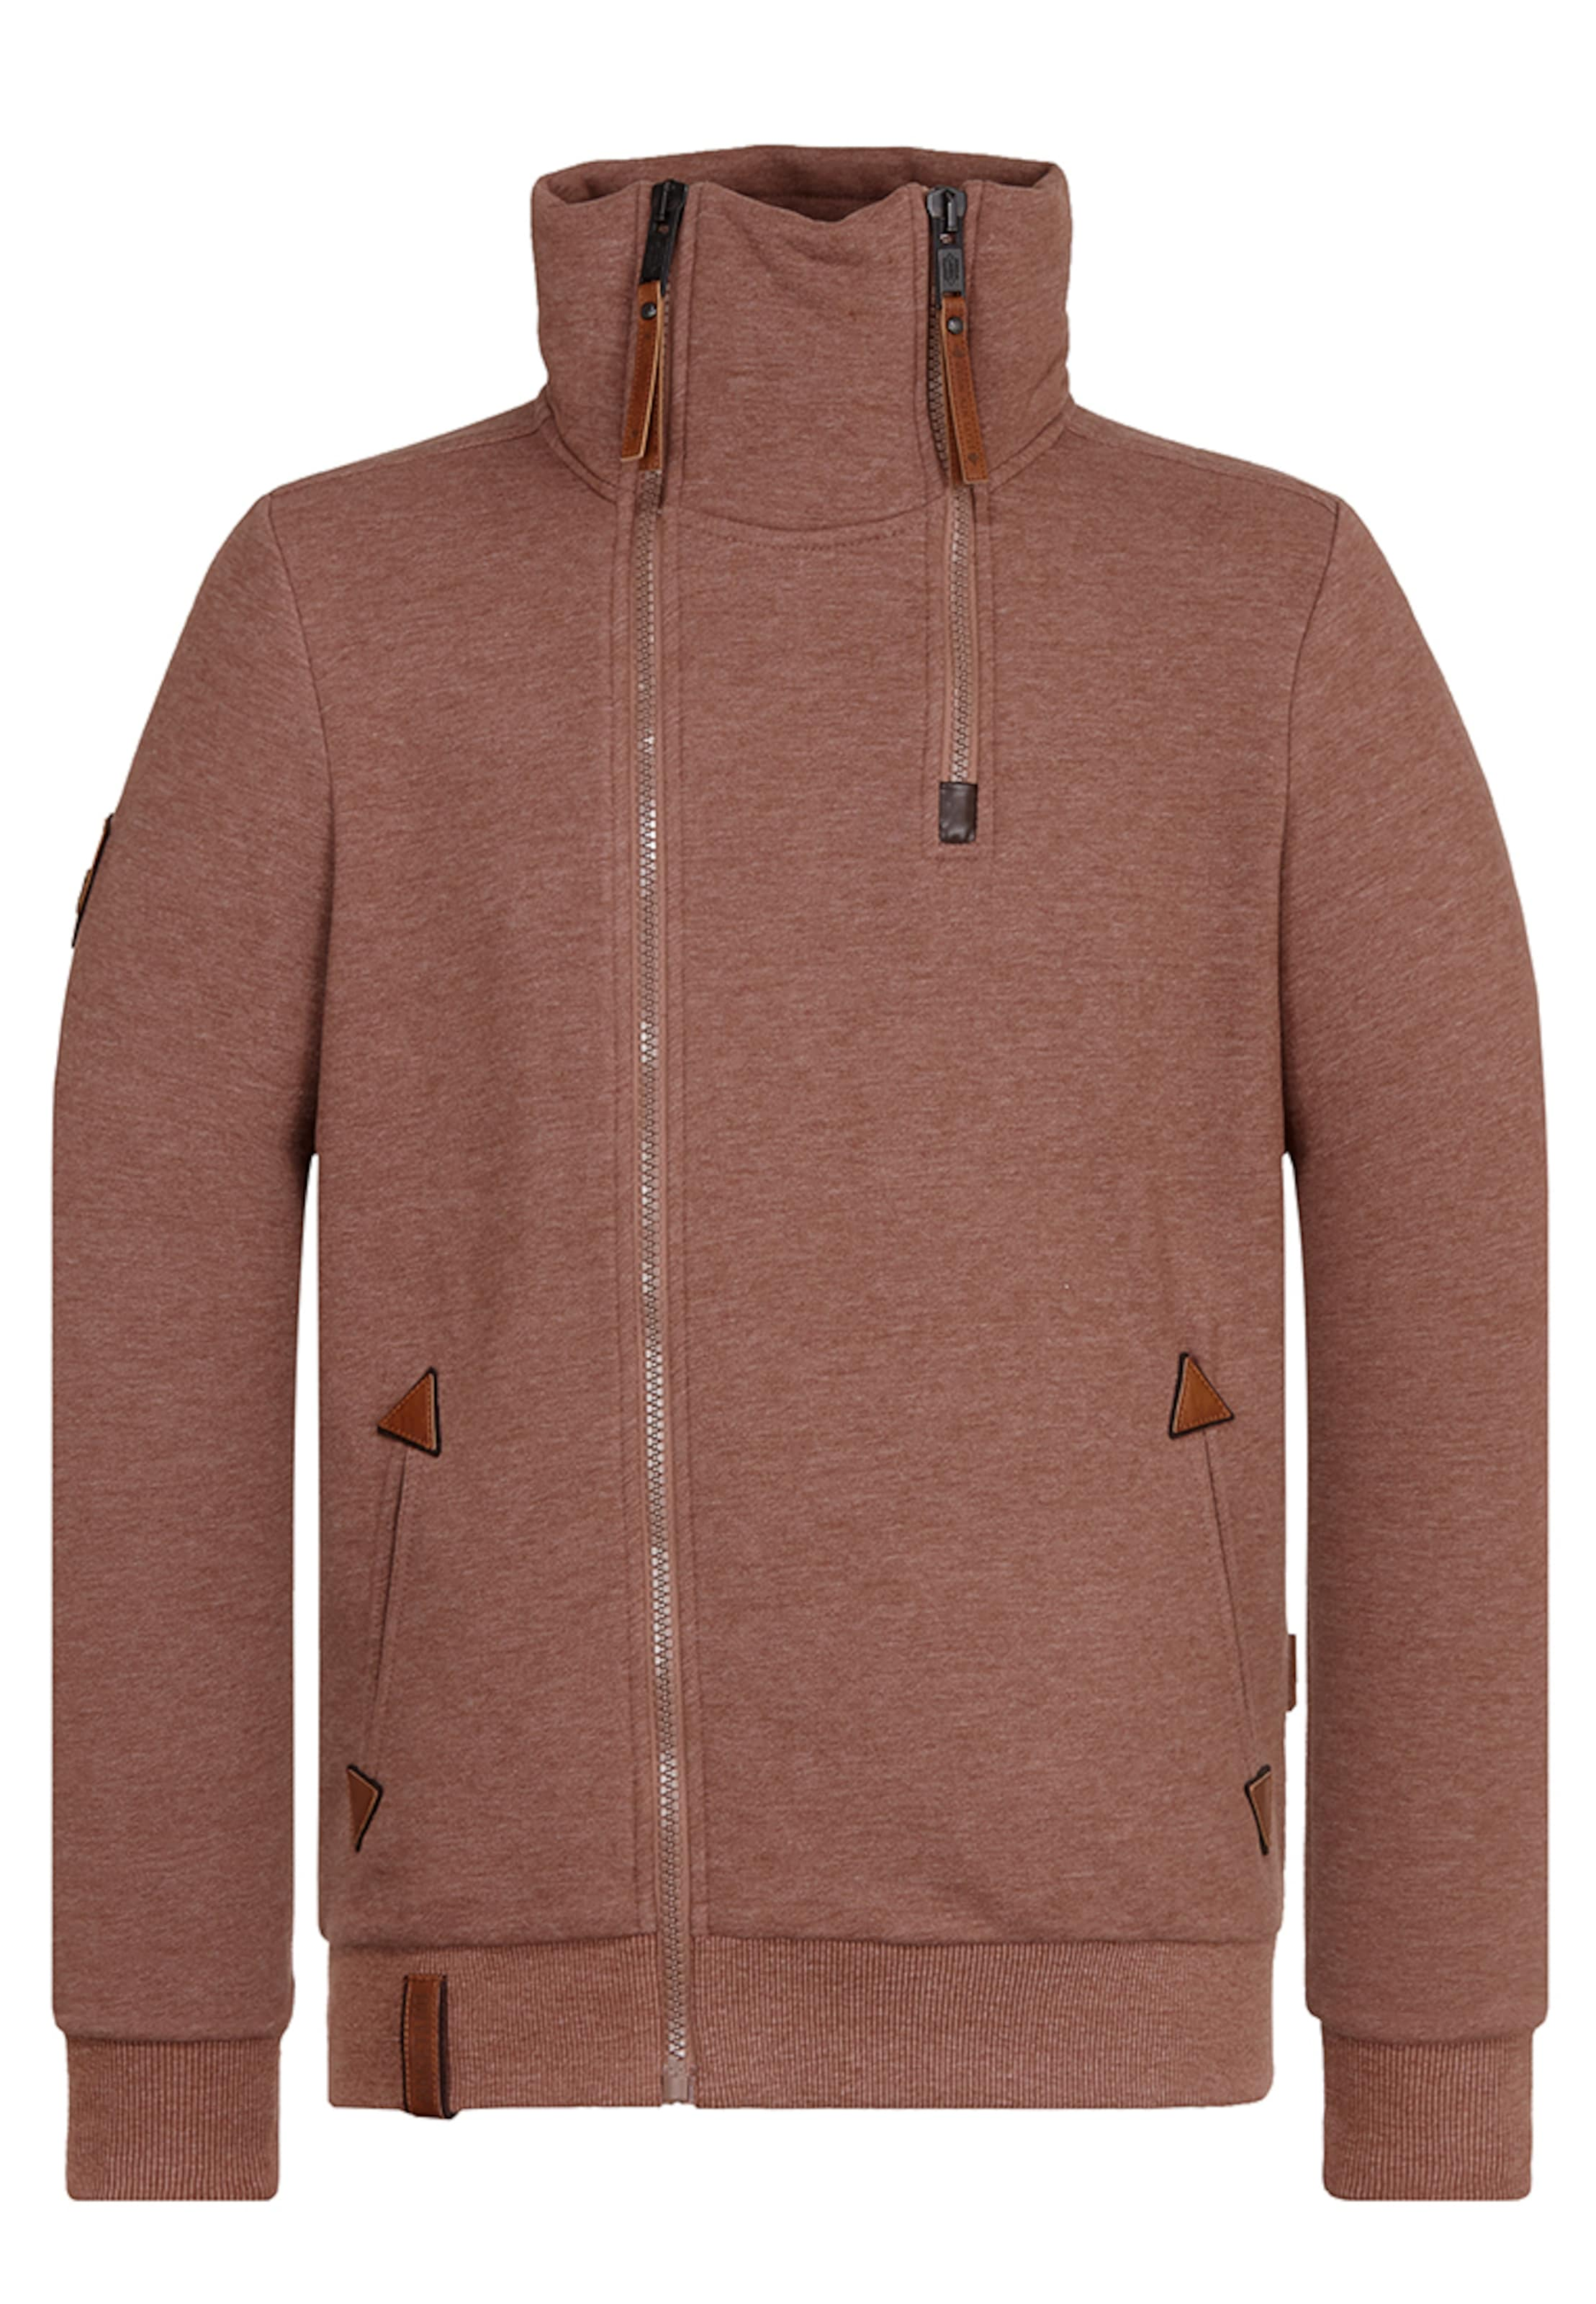 naketano Zipped Jacket Günstig Kaufen Am Besten C0PUaFRFzR